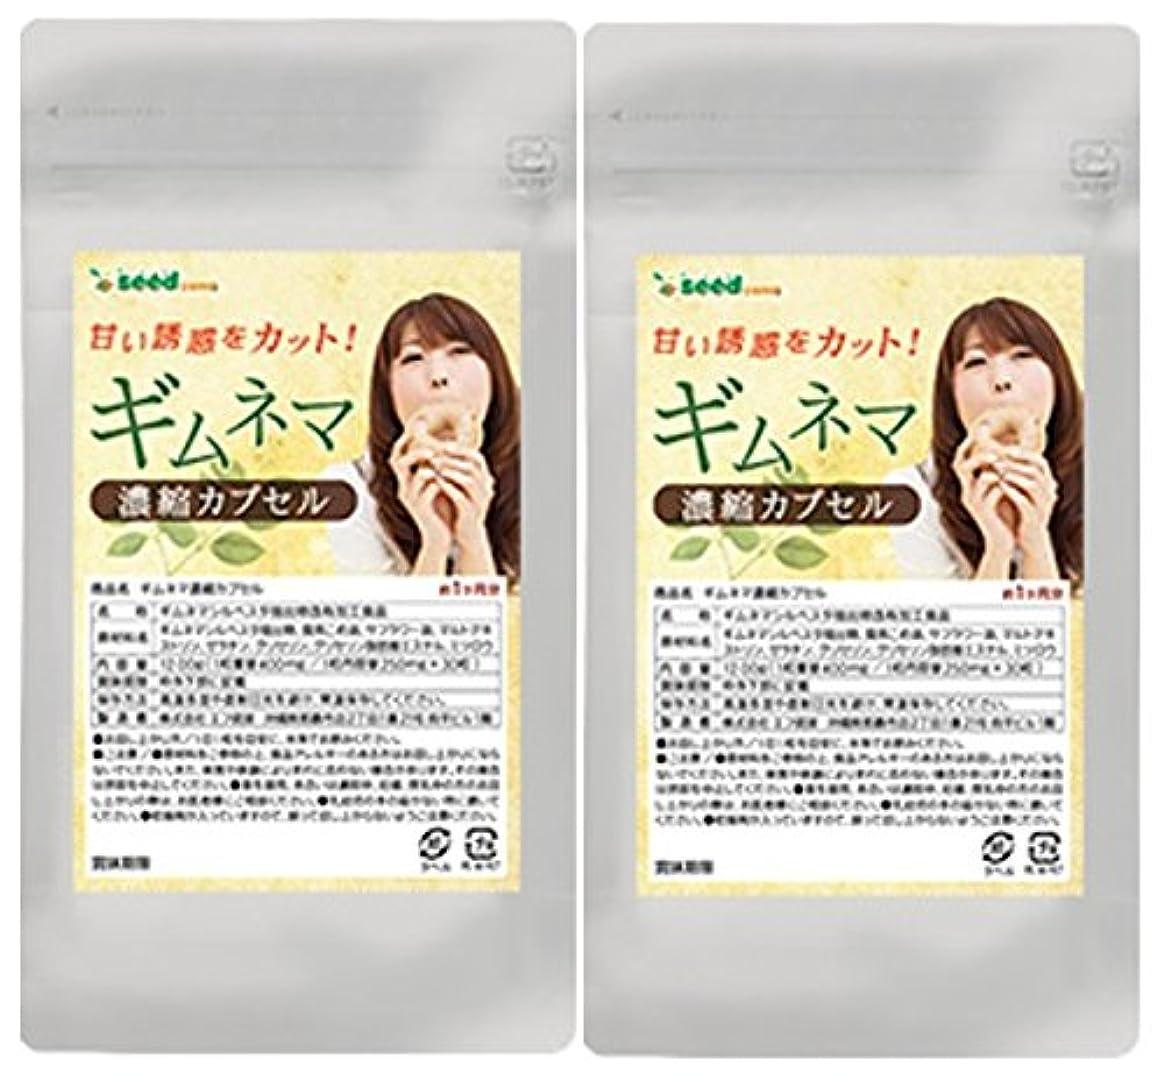 シガレット塩効率シードコムス seedcoms ギムネマ 濃縮カプセル ダイエットの天敵 糖分 が気になる方へ! 約6ヶ月分 180粒